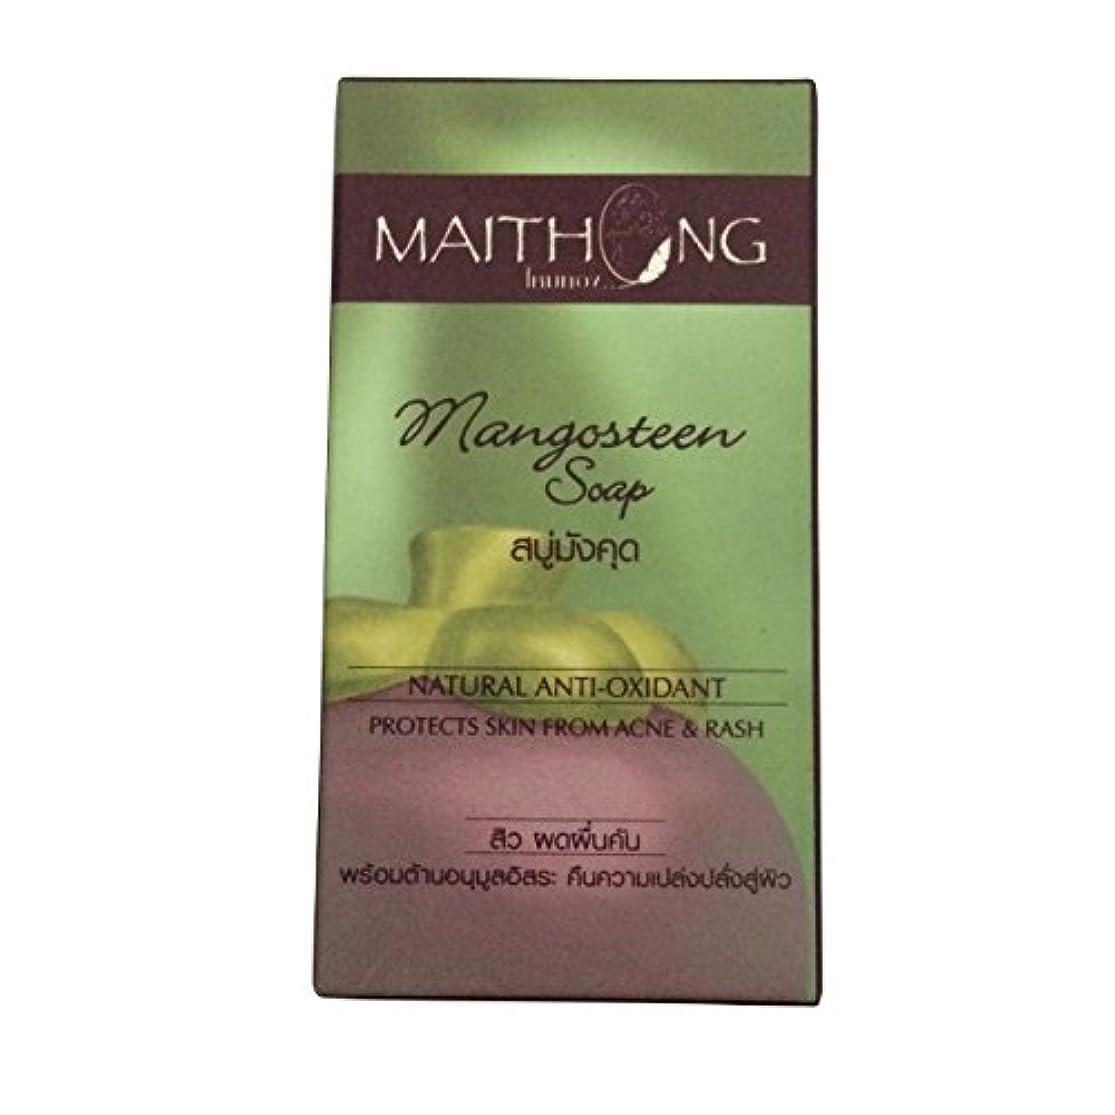 含めるシェトランド諸島ドライブ(マイトーン)MAITHONG マンゴスチン 石鹸 ソープ